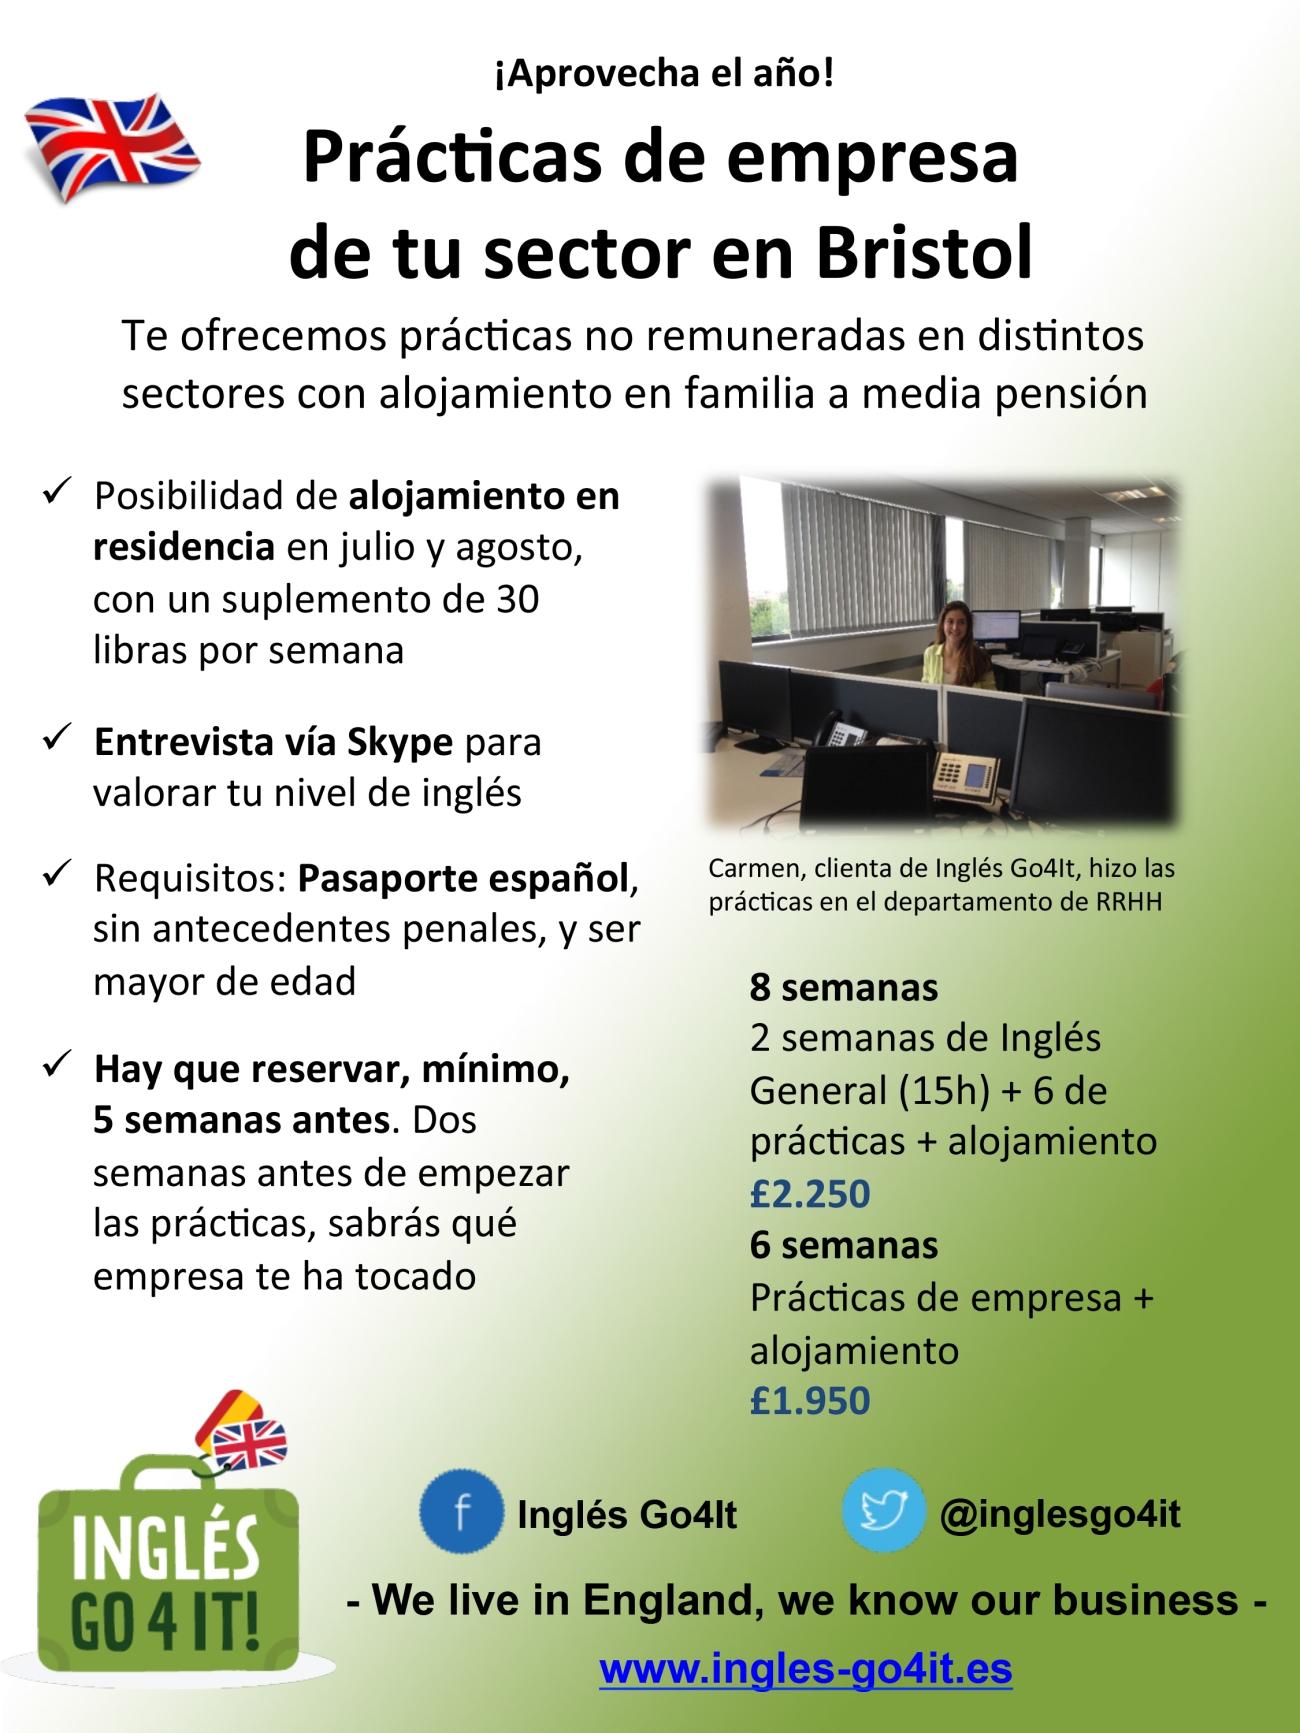 Prácticas de empresa en Bristol con Inglés Go4It